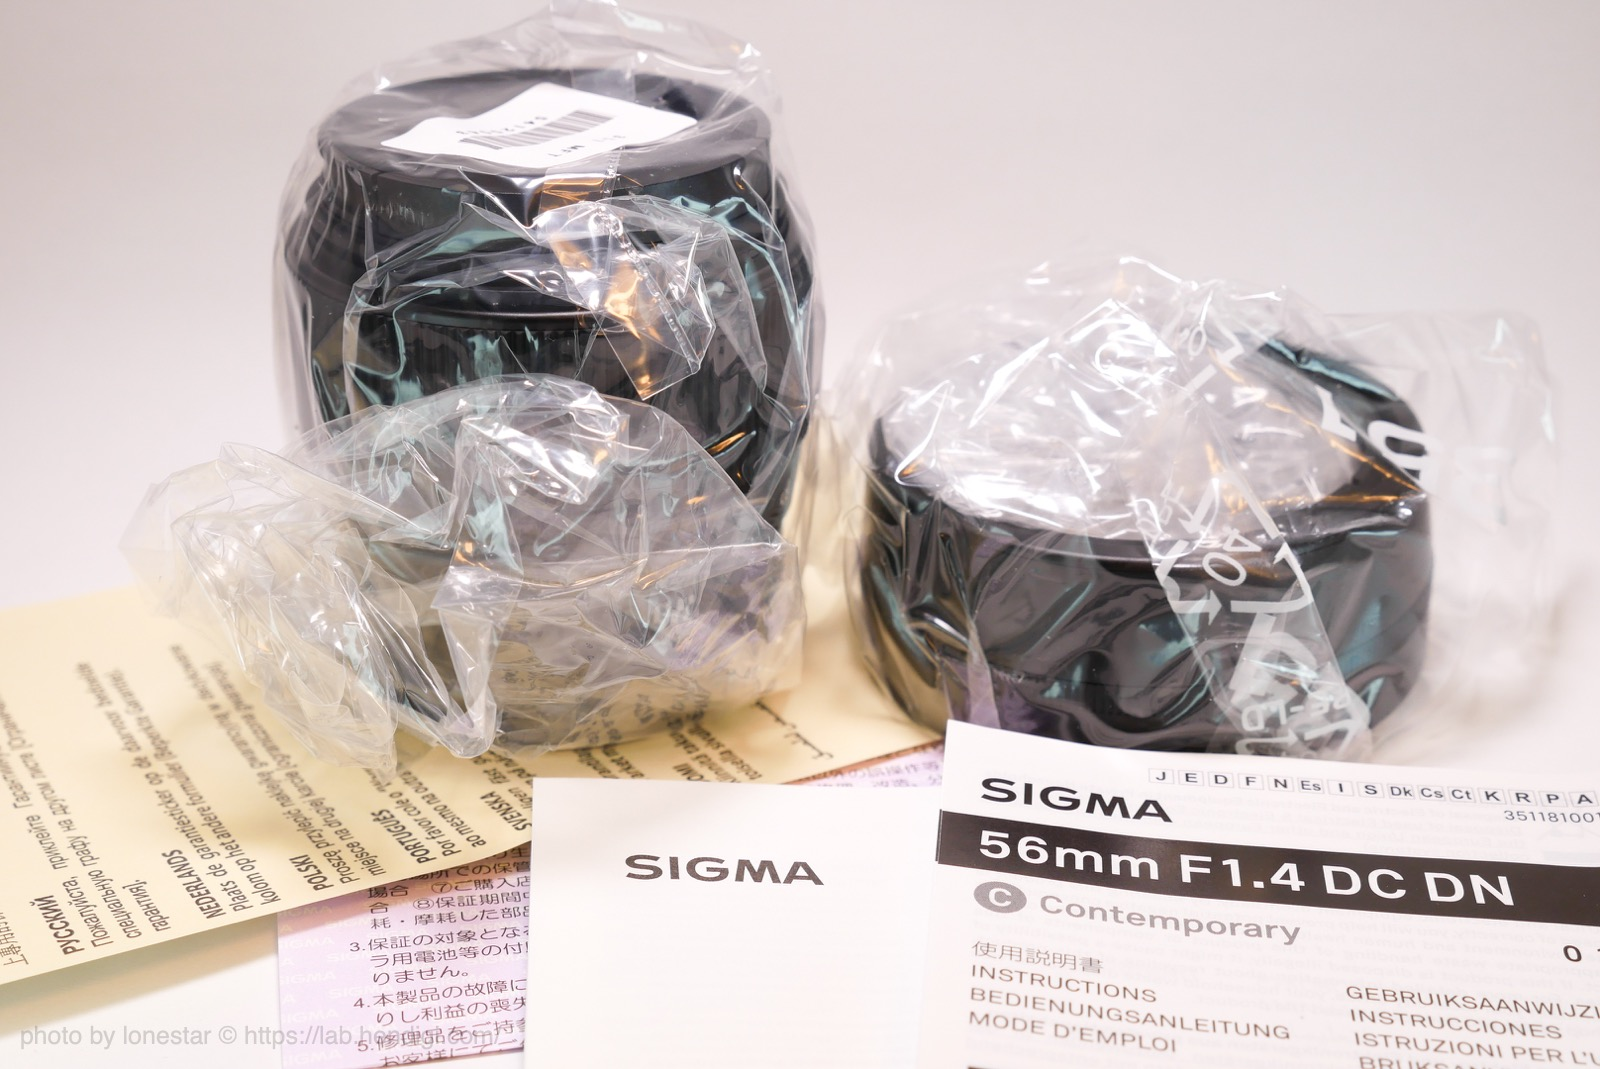 SIGMA 56mm F1.4 DC DN レビュー